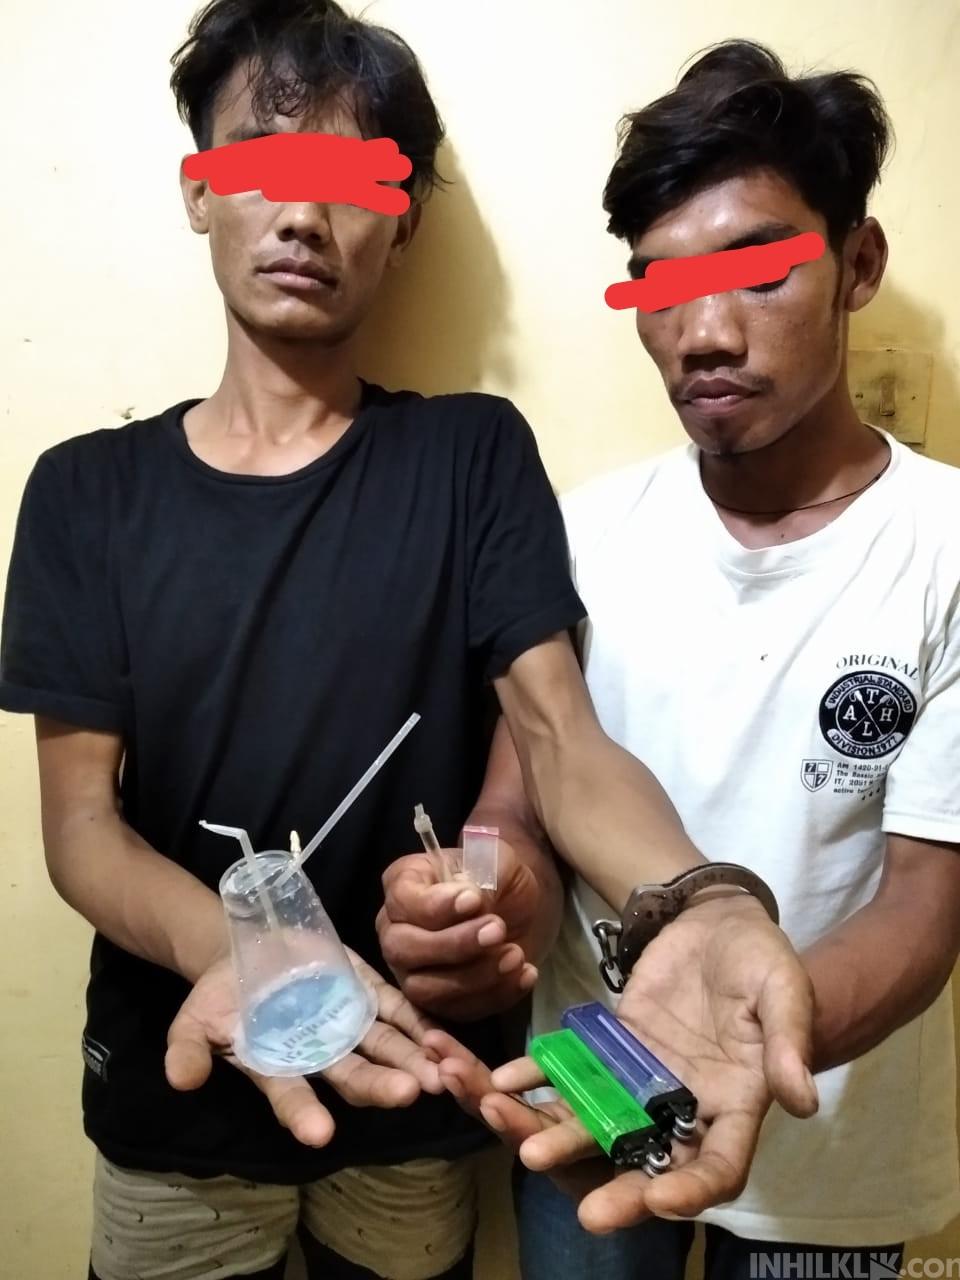 Gagalkan Transaksi Sabu, Polsek Tanjung Beringin 'Angkut' 2 Pria